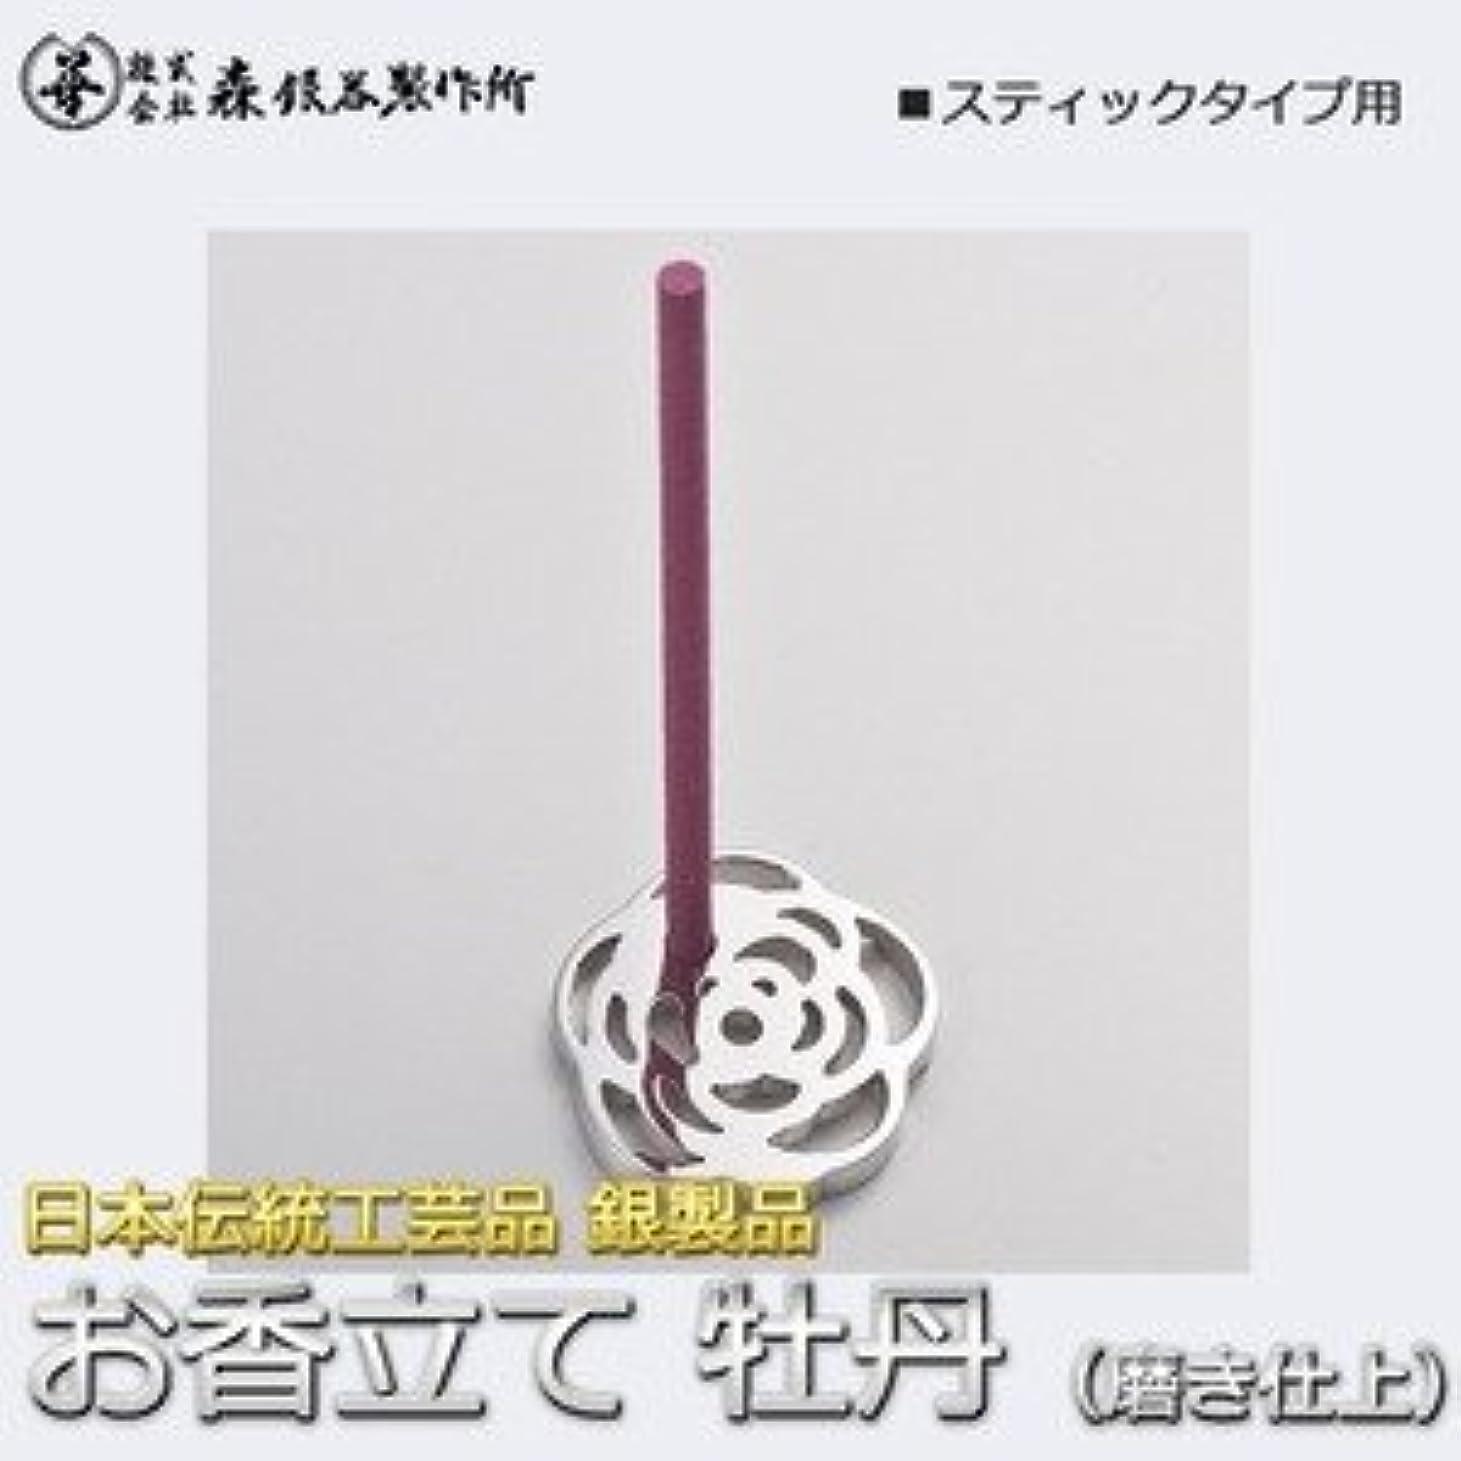 ヒール義務づける承認する香立て 牡丹 銀製 磨き仕上げ 日本伝統工芸品 ハンドメイド スターリングシルバー